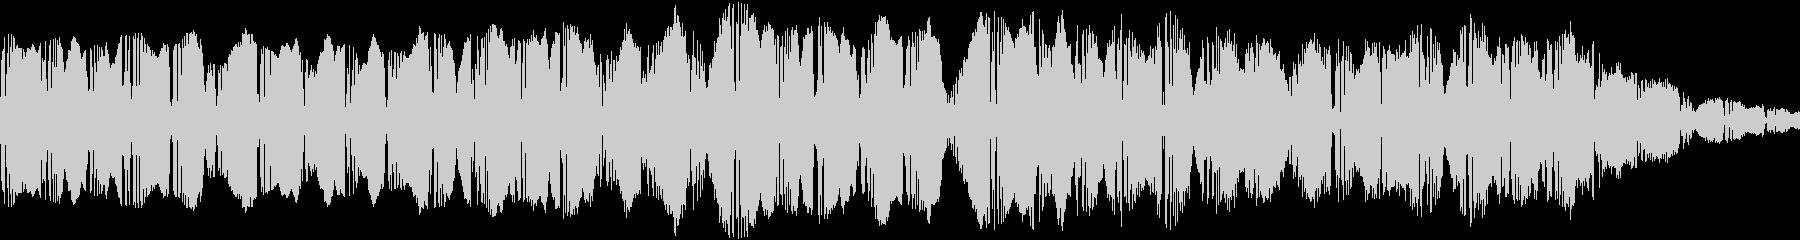 VCS 3 0505 ZGの未再生の波形